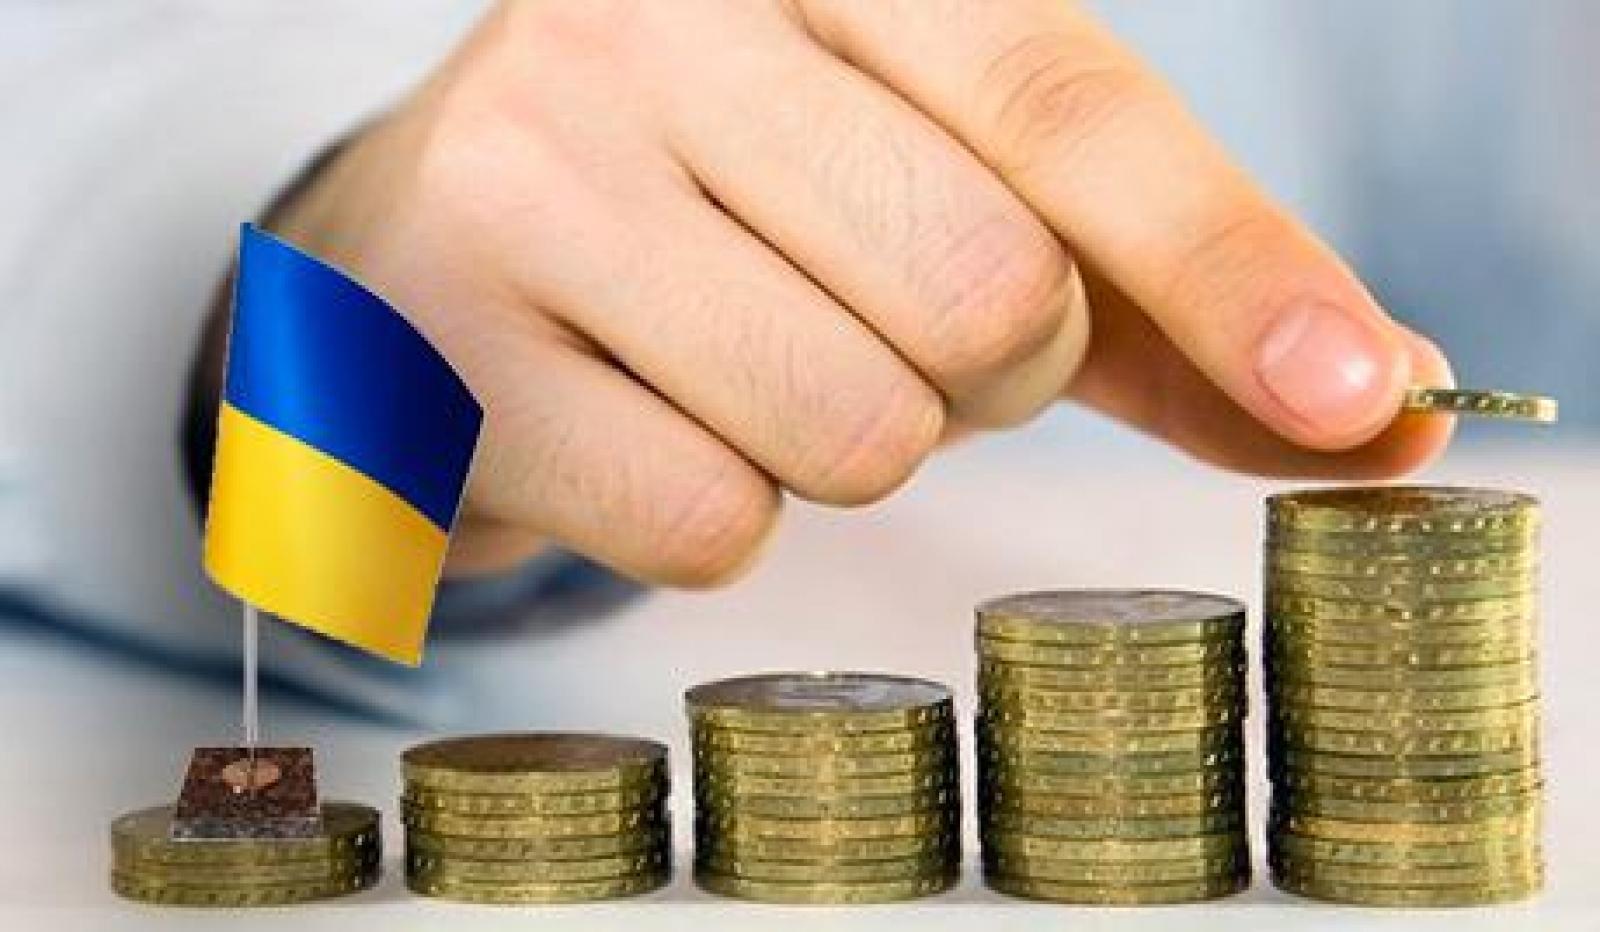 А вы знали, что за разговоры именно на украинском можно неплохо заработать?